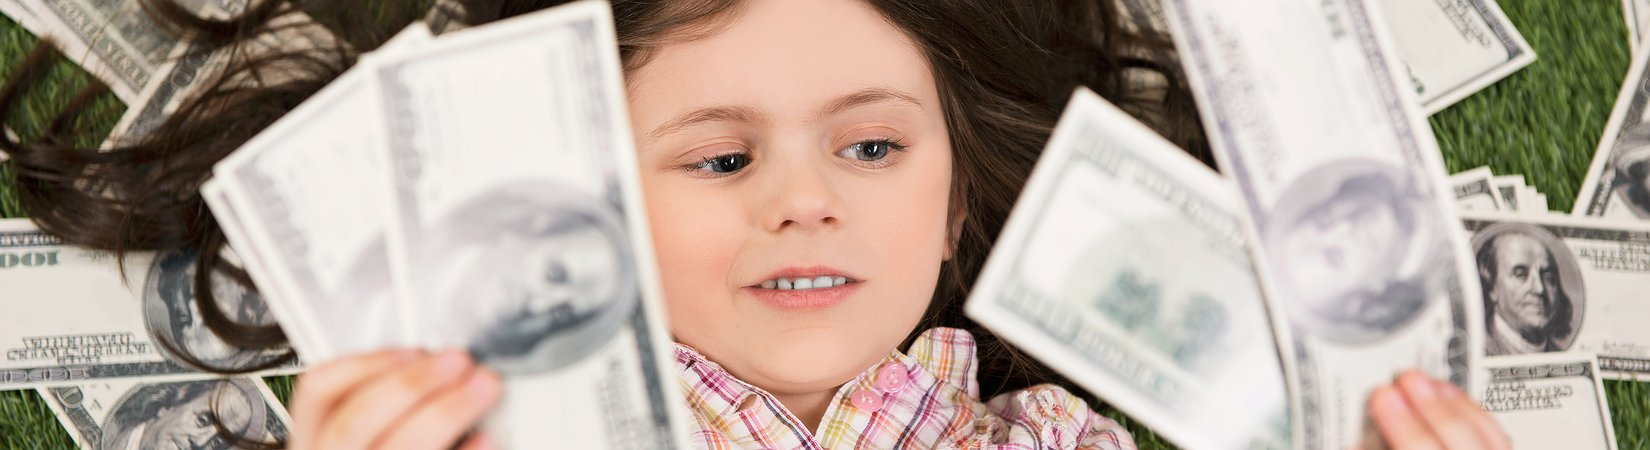 Bases financeiras para os seus filhos